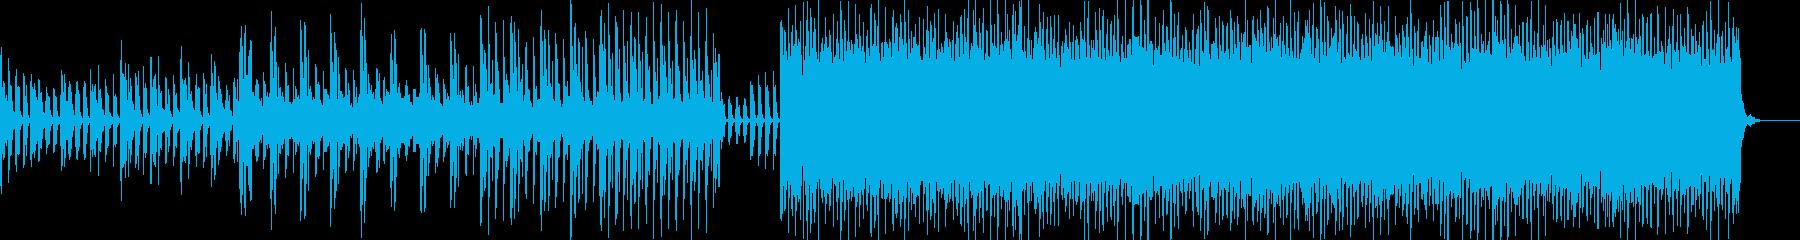 ダークなBGMです。の再生済みの波形